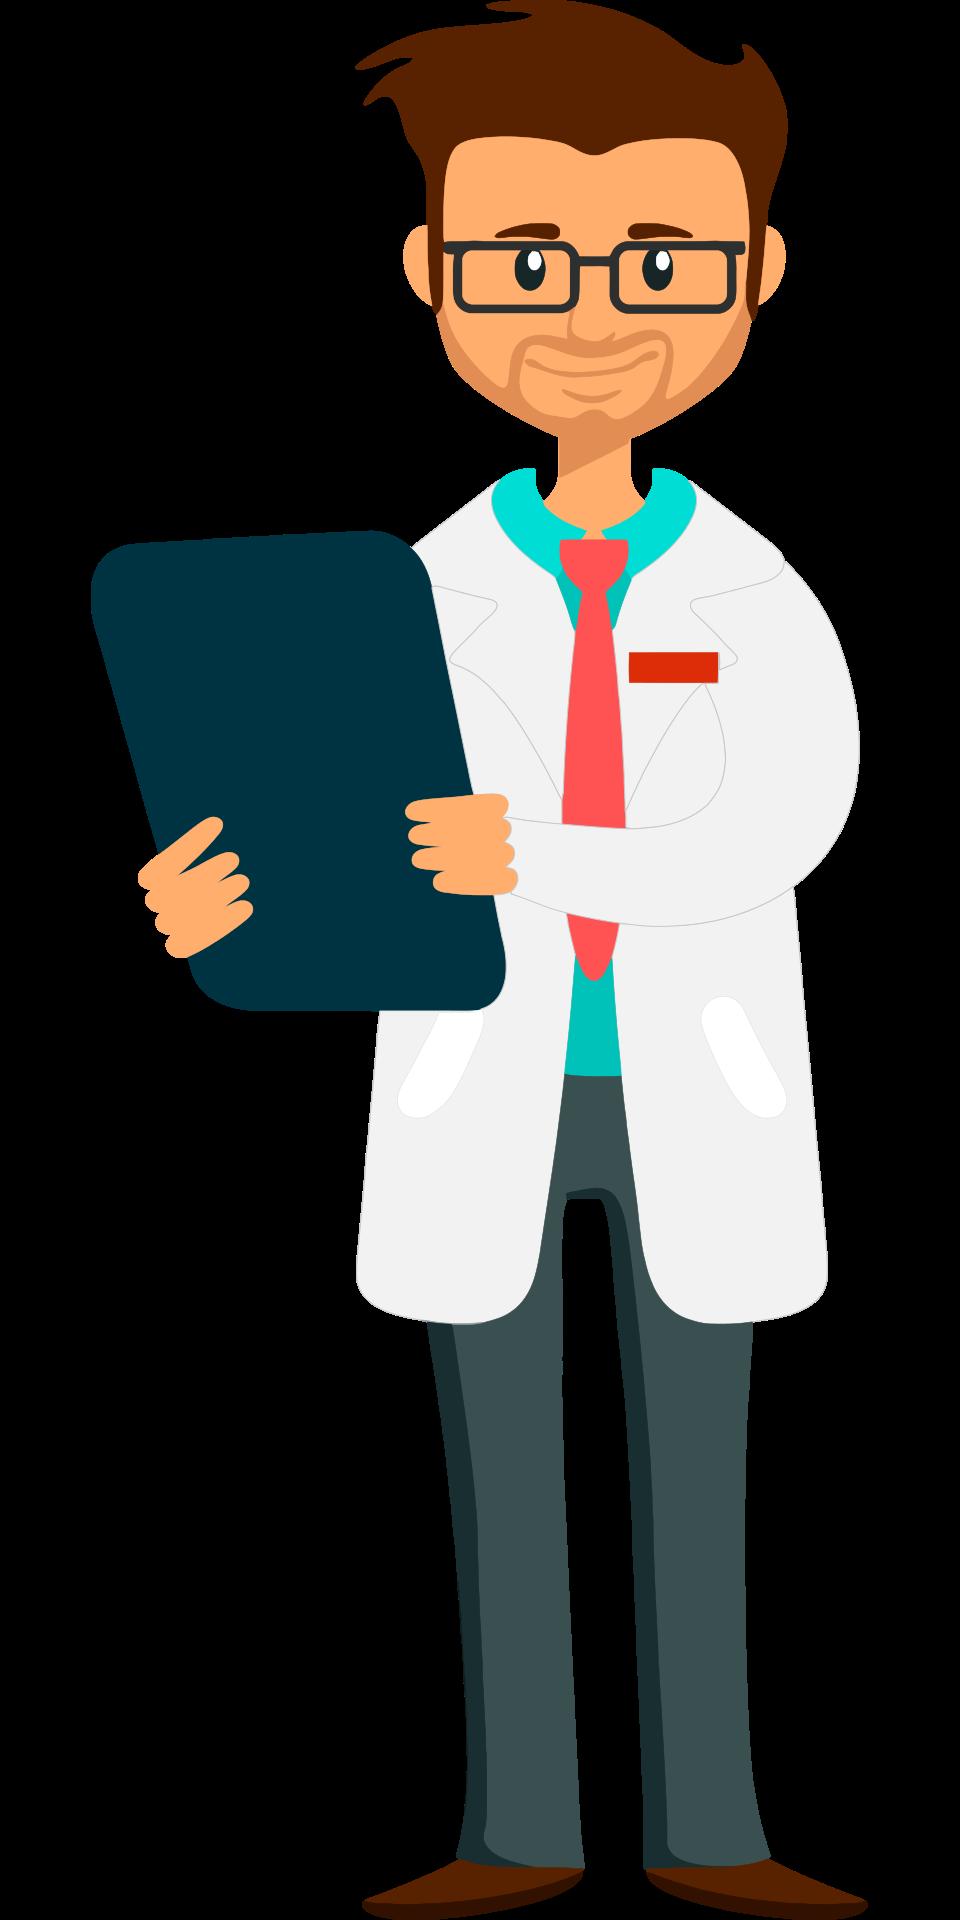 Patient clipart care worker. Comprehensive vida del valle